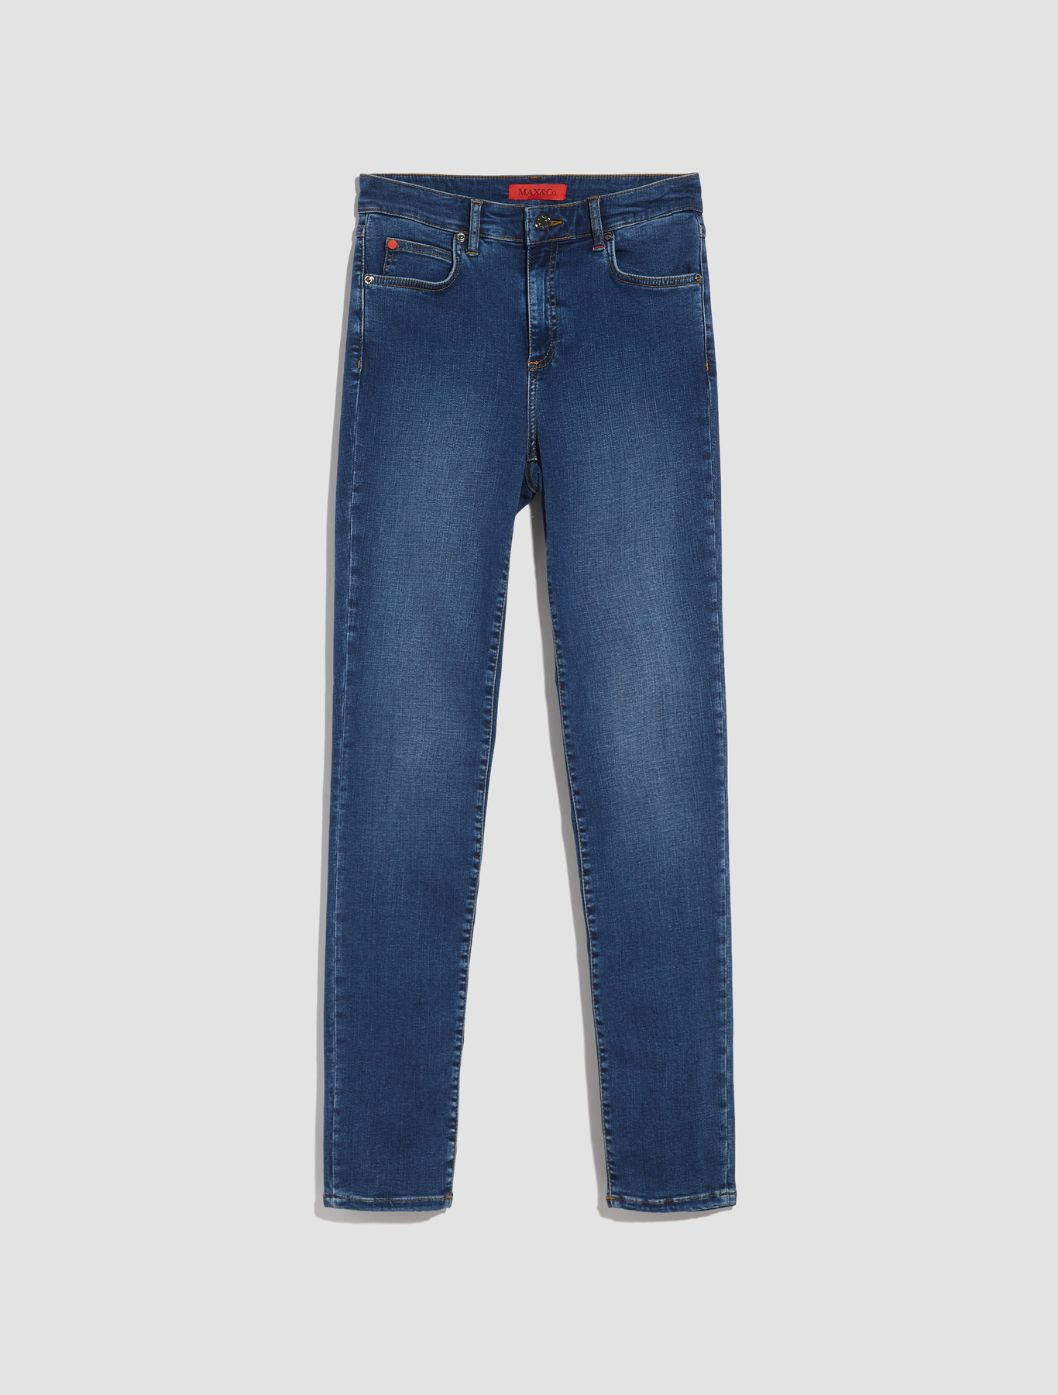 DEMIS Denim trouser 5